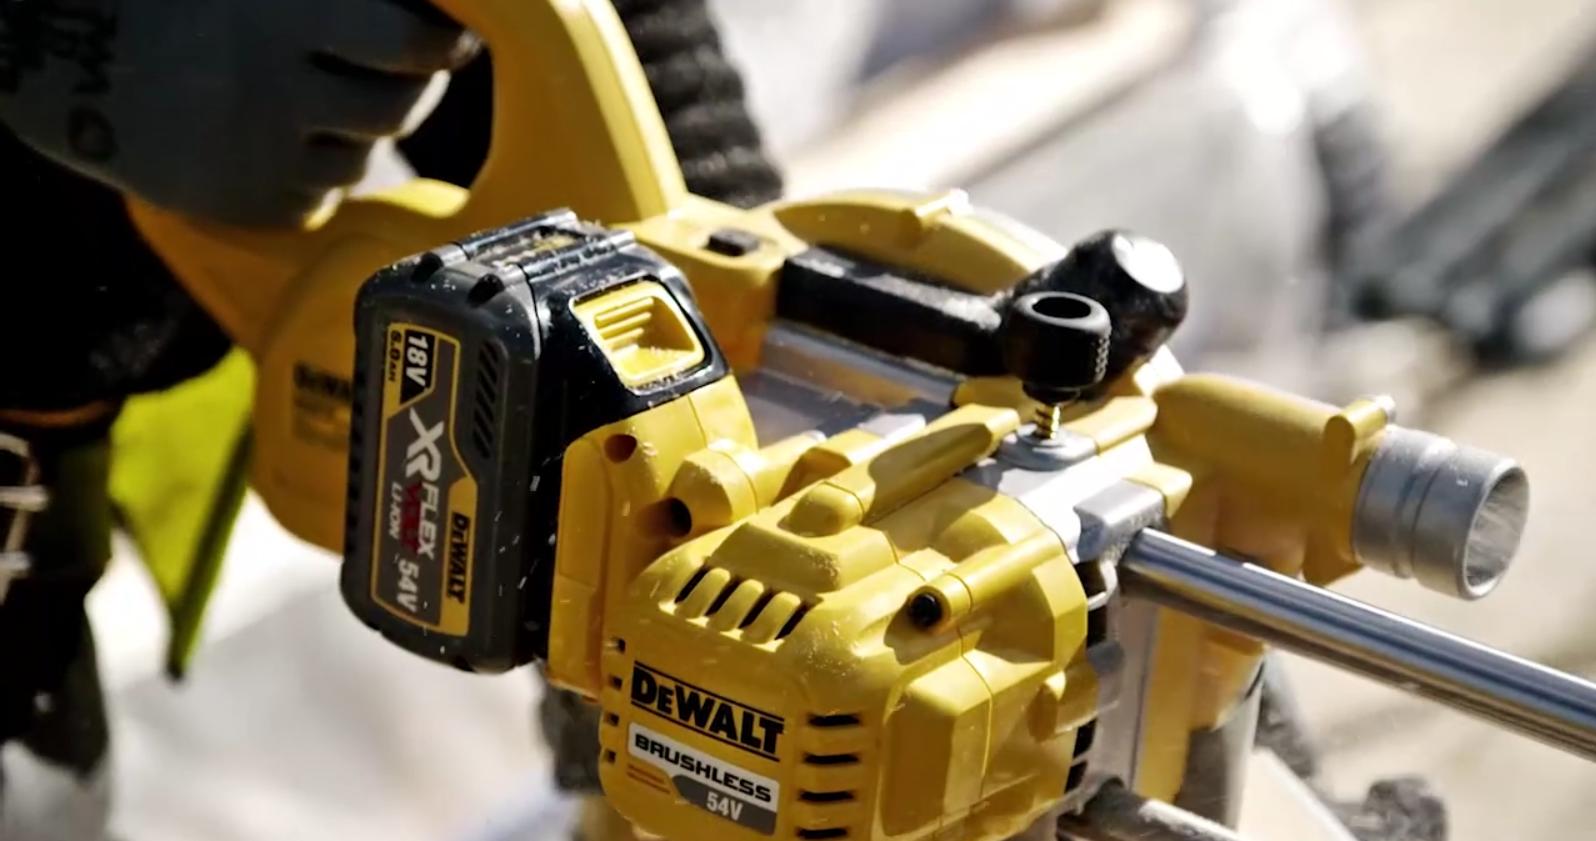 chantier du futur avec la gamme XR Flexvolt de chez Dewalt